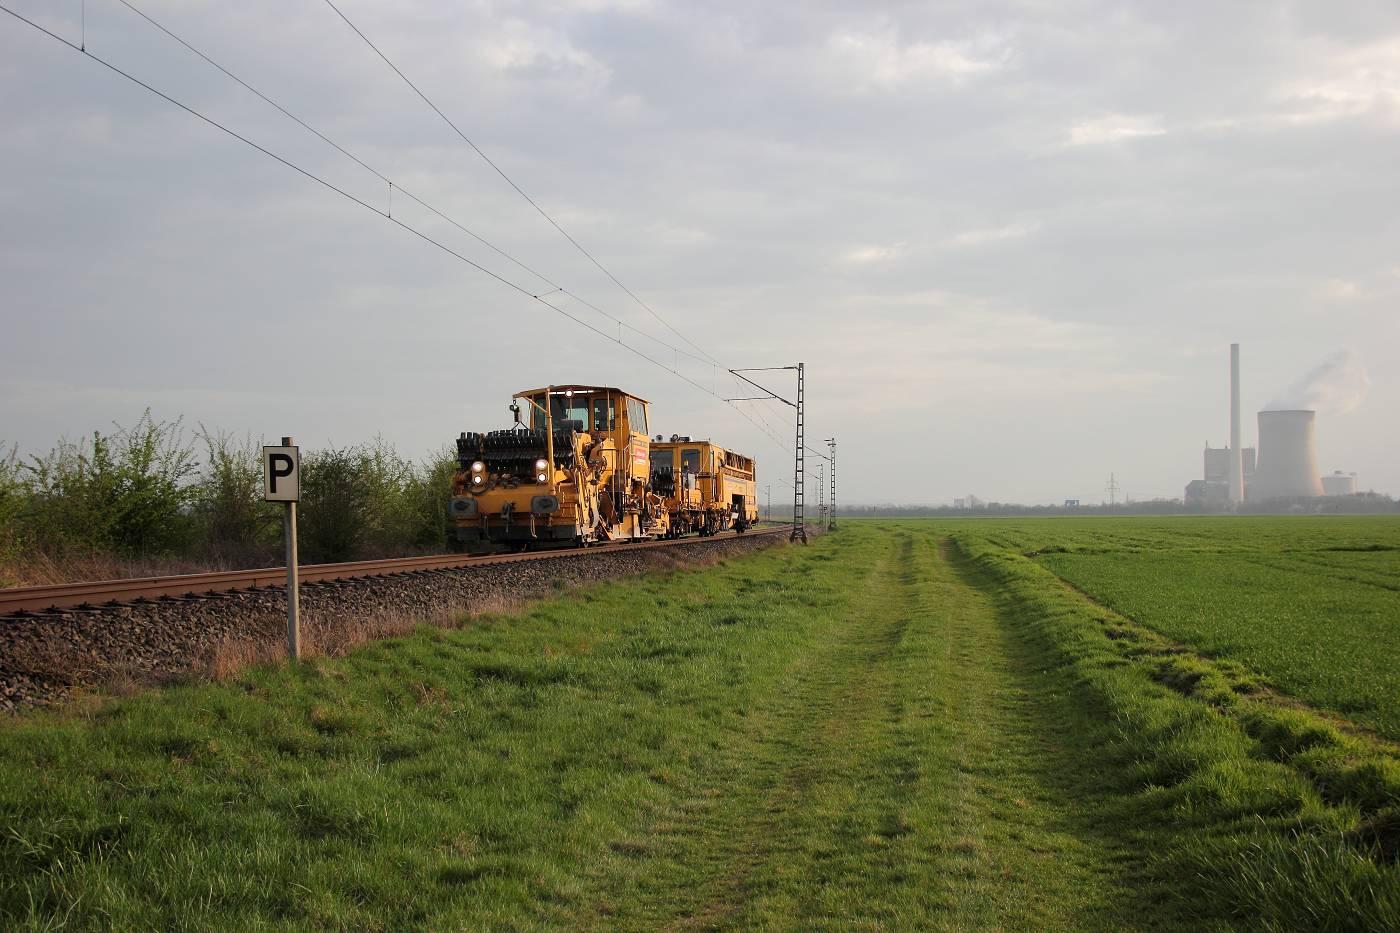 http://www.nachtbahner.de/fotos/2014-04-03%20Mittelwesertour/k-IMG_2457%20Mittelwesertour%2003.04.14%20(20).JPG